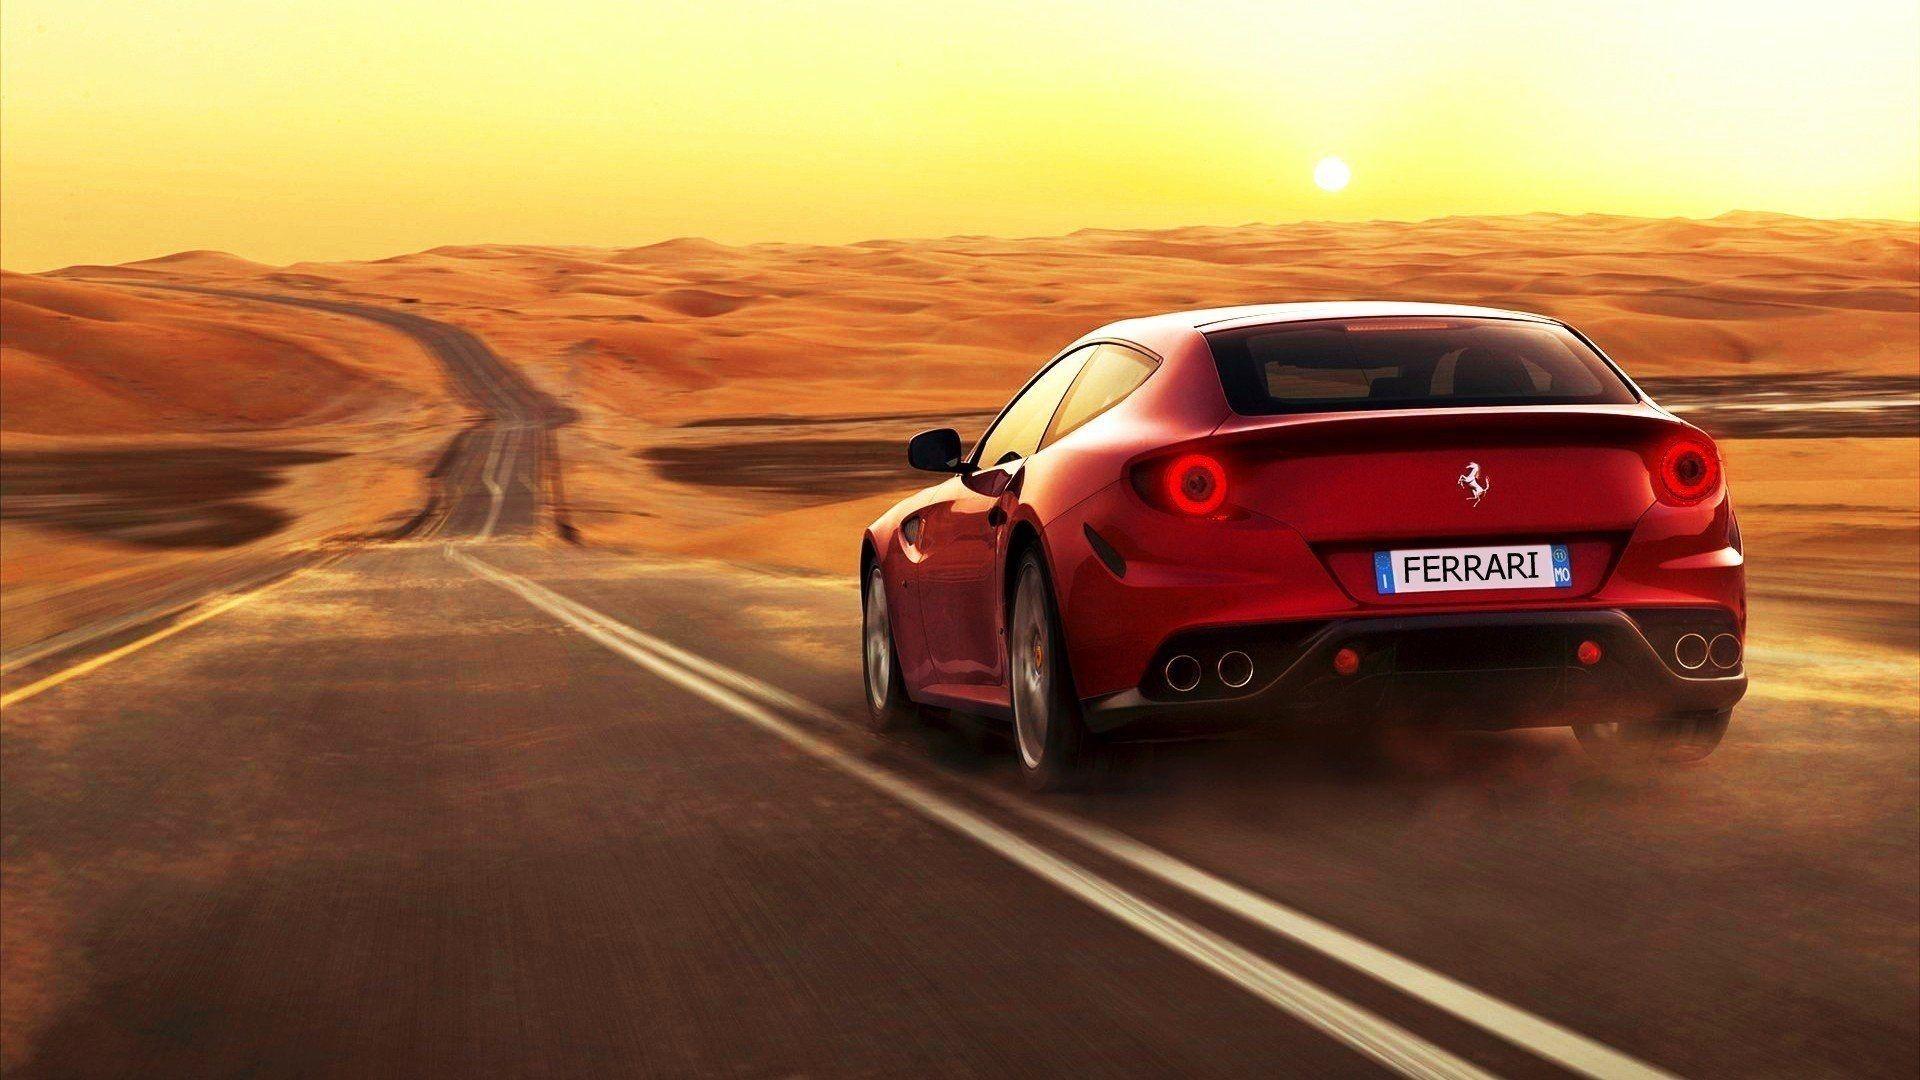 Ferrari Photo